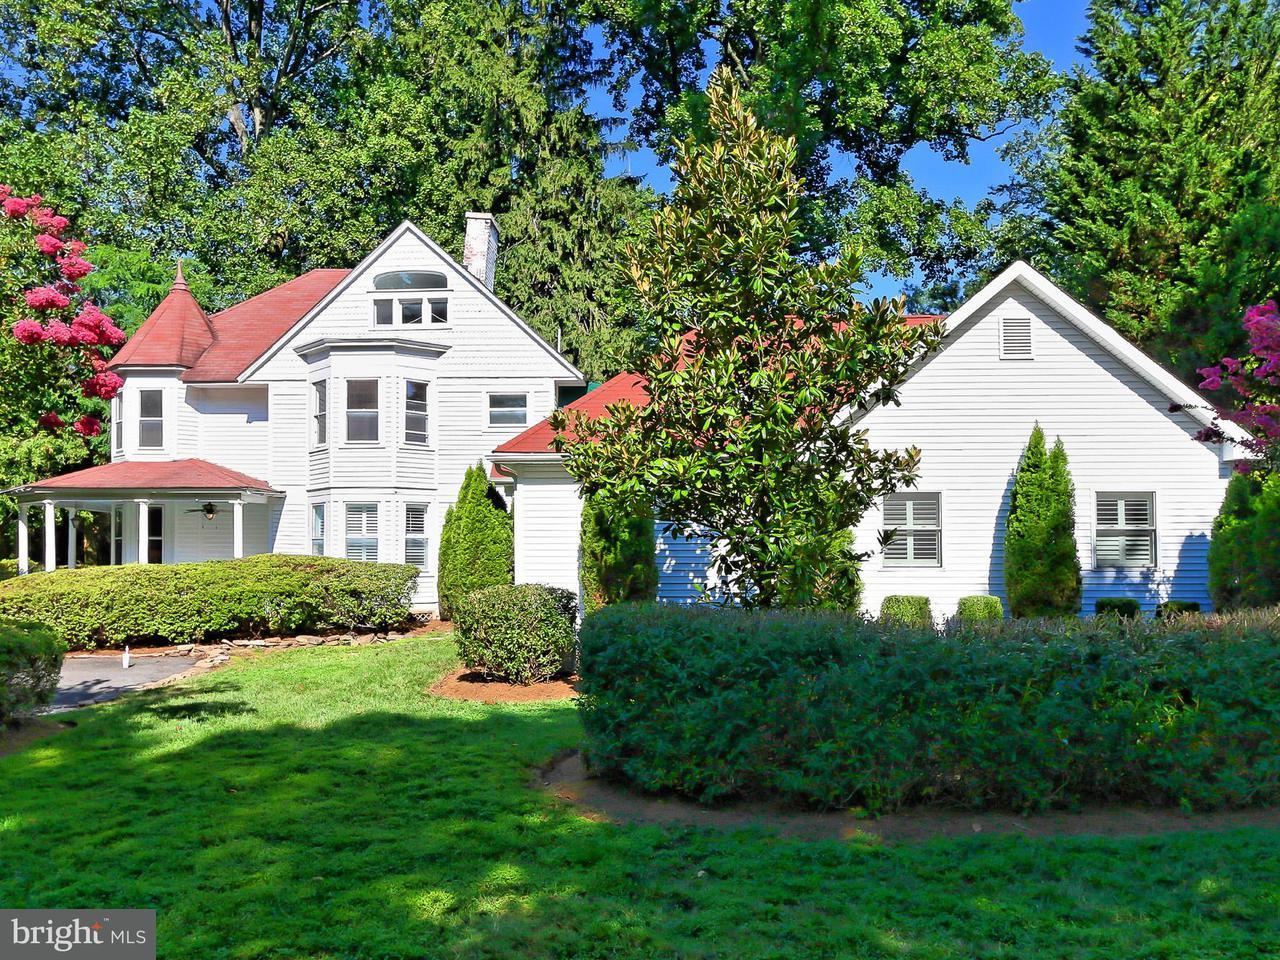 獨棟家庭住宅 為 出售 在 2420 Sandburg Street 2420 Sandburg Street Dunn Loring, 弗吉尼亞州 22027 美國